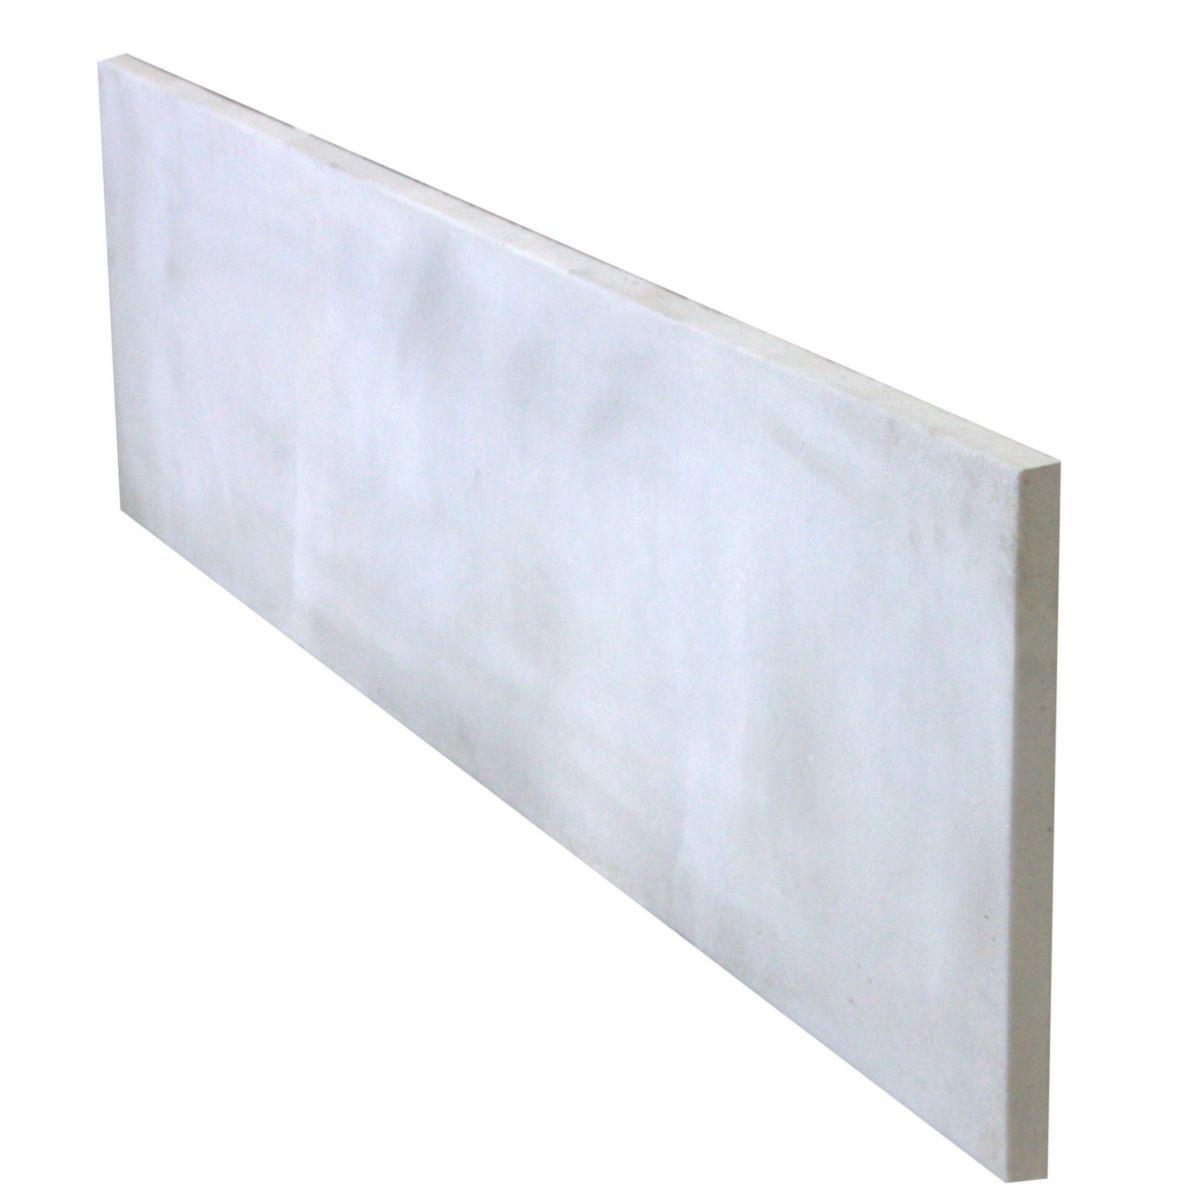 alkern plaque de cl ture pleine b ton arm 192x50x3. Black Bedroom Furniture Sets. Home Design Ideas